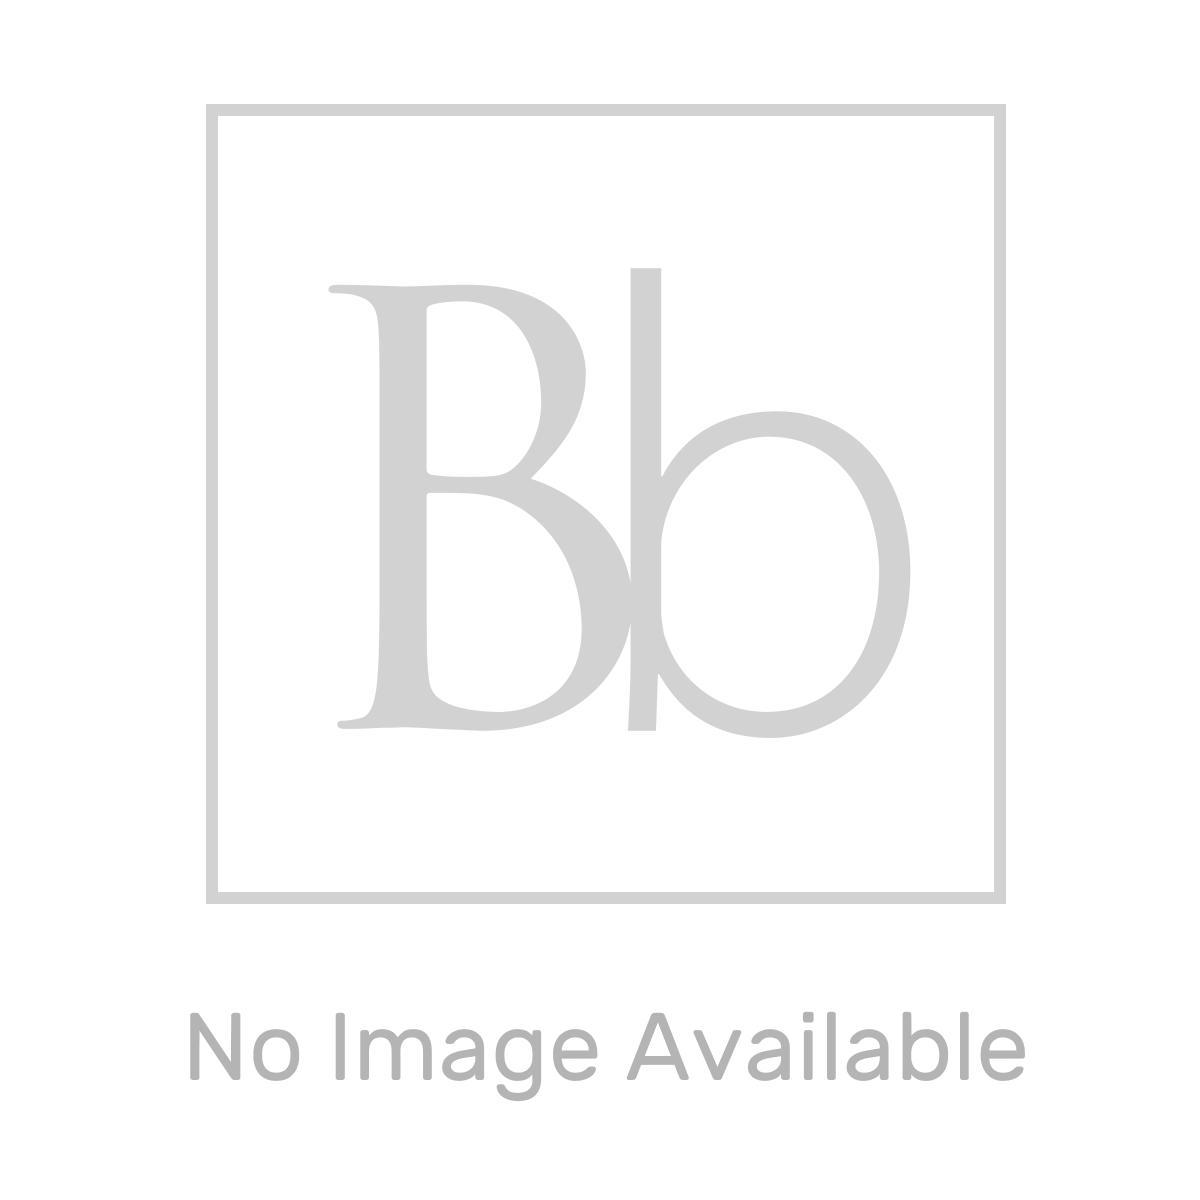 Merlyn Series 10 Showerwall Wetroom with Vertical Post